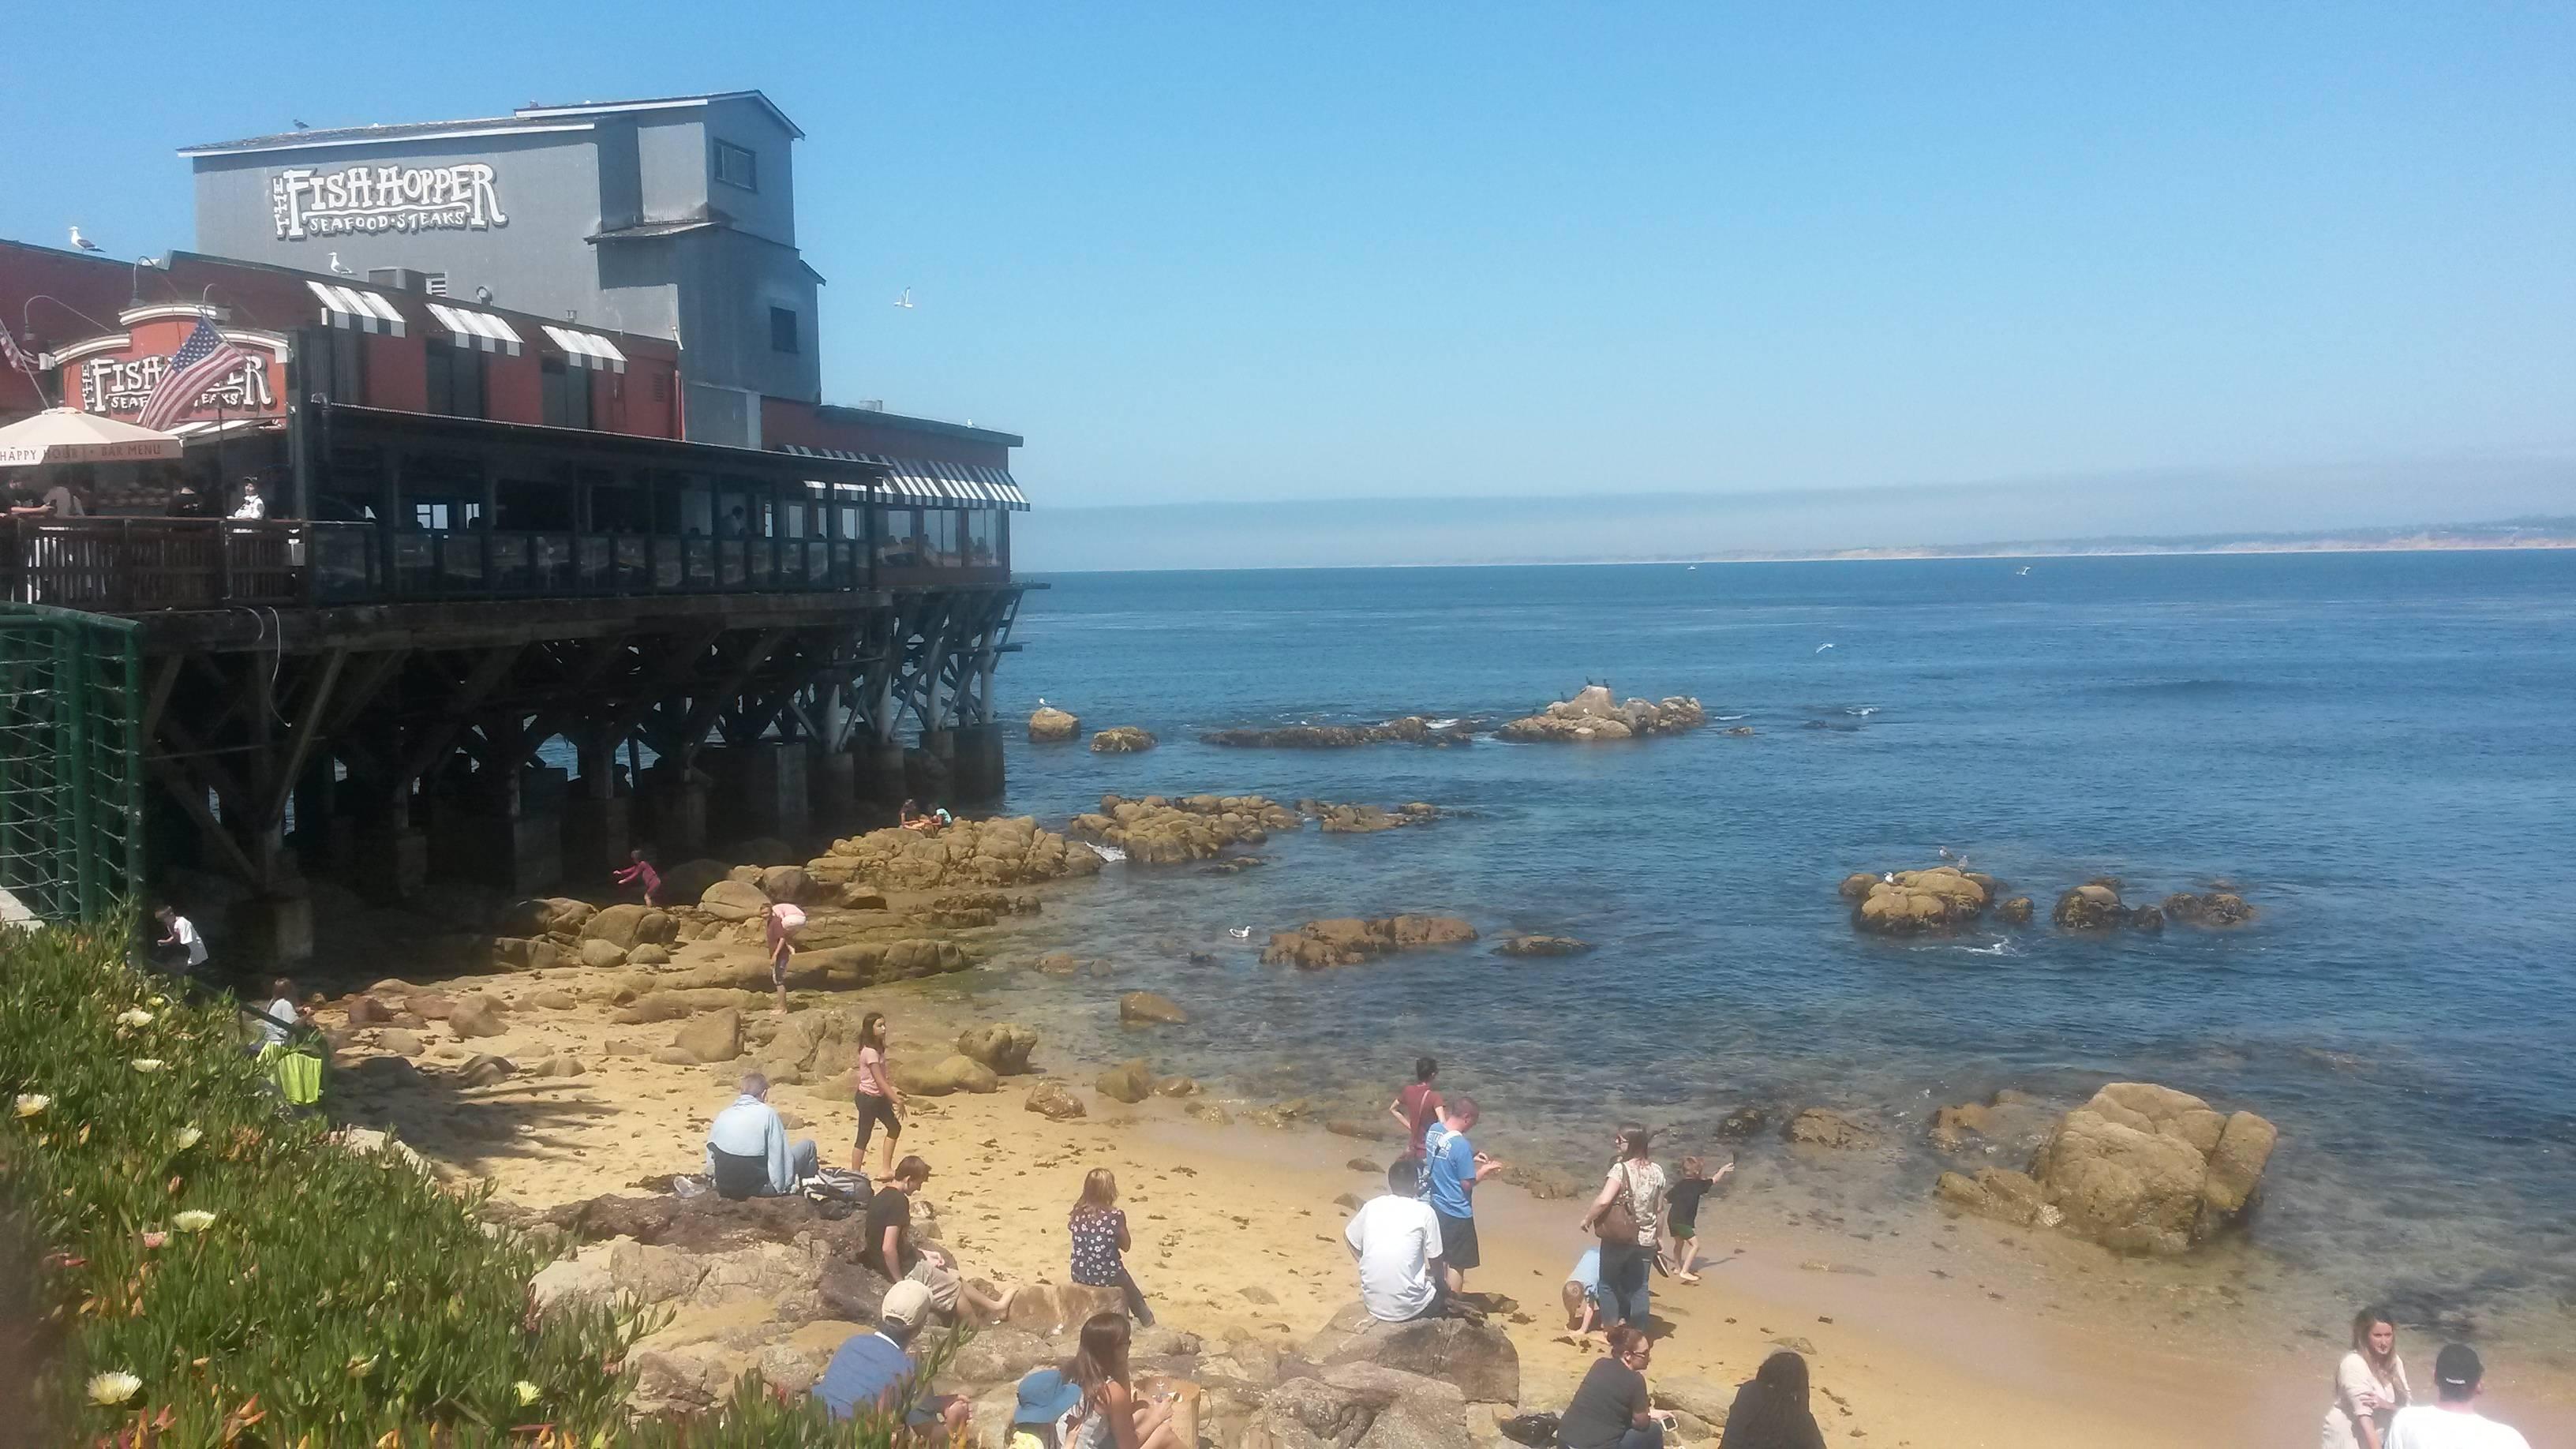 Photo 2: Monterey - de la conserverie à l'aquarium